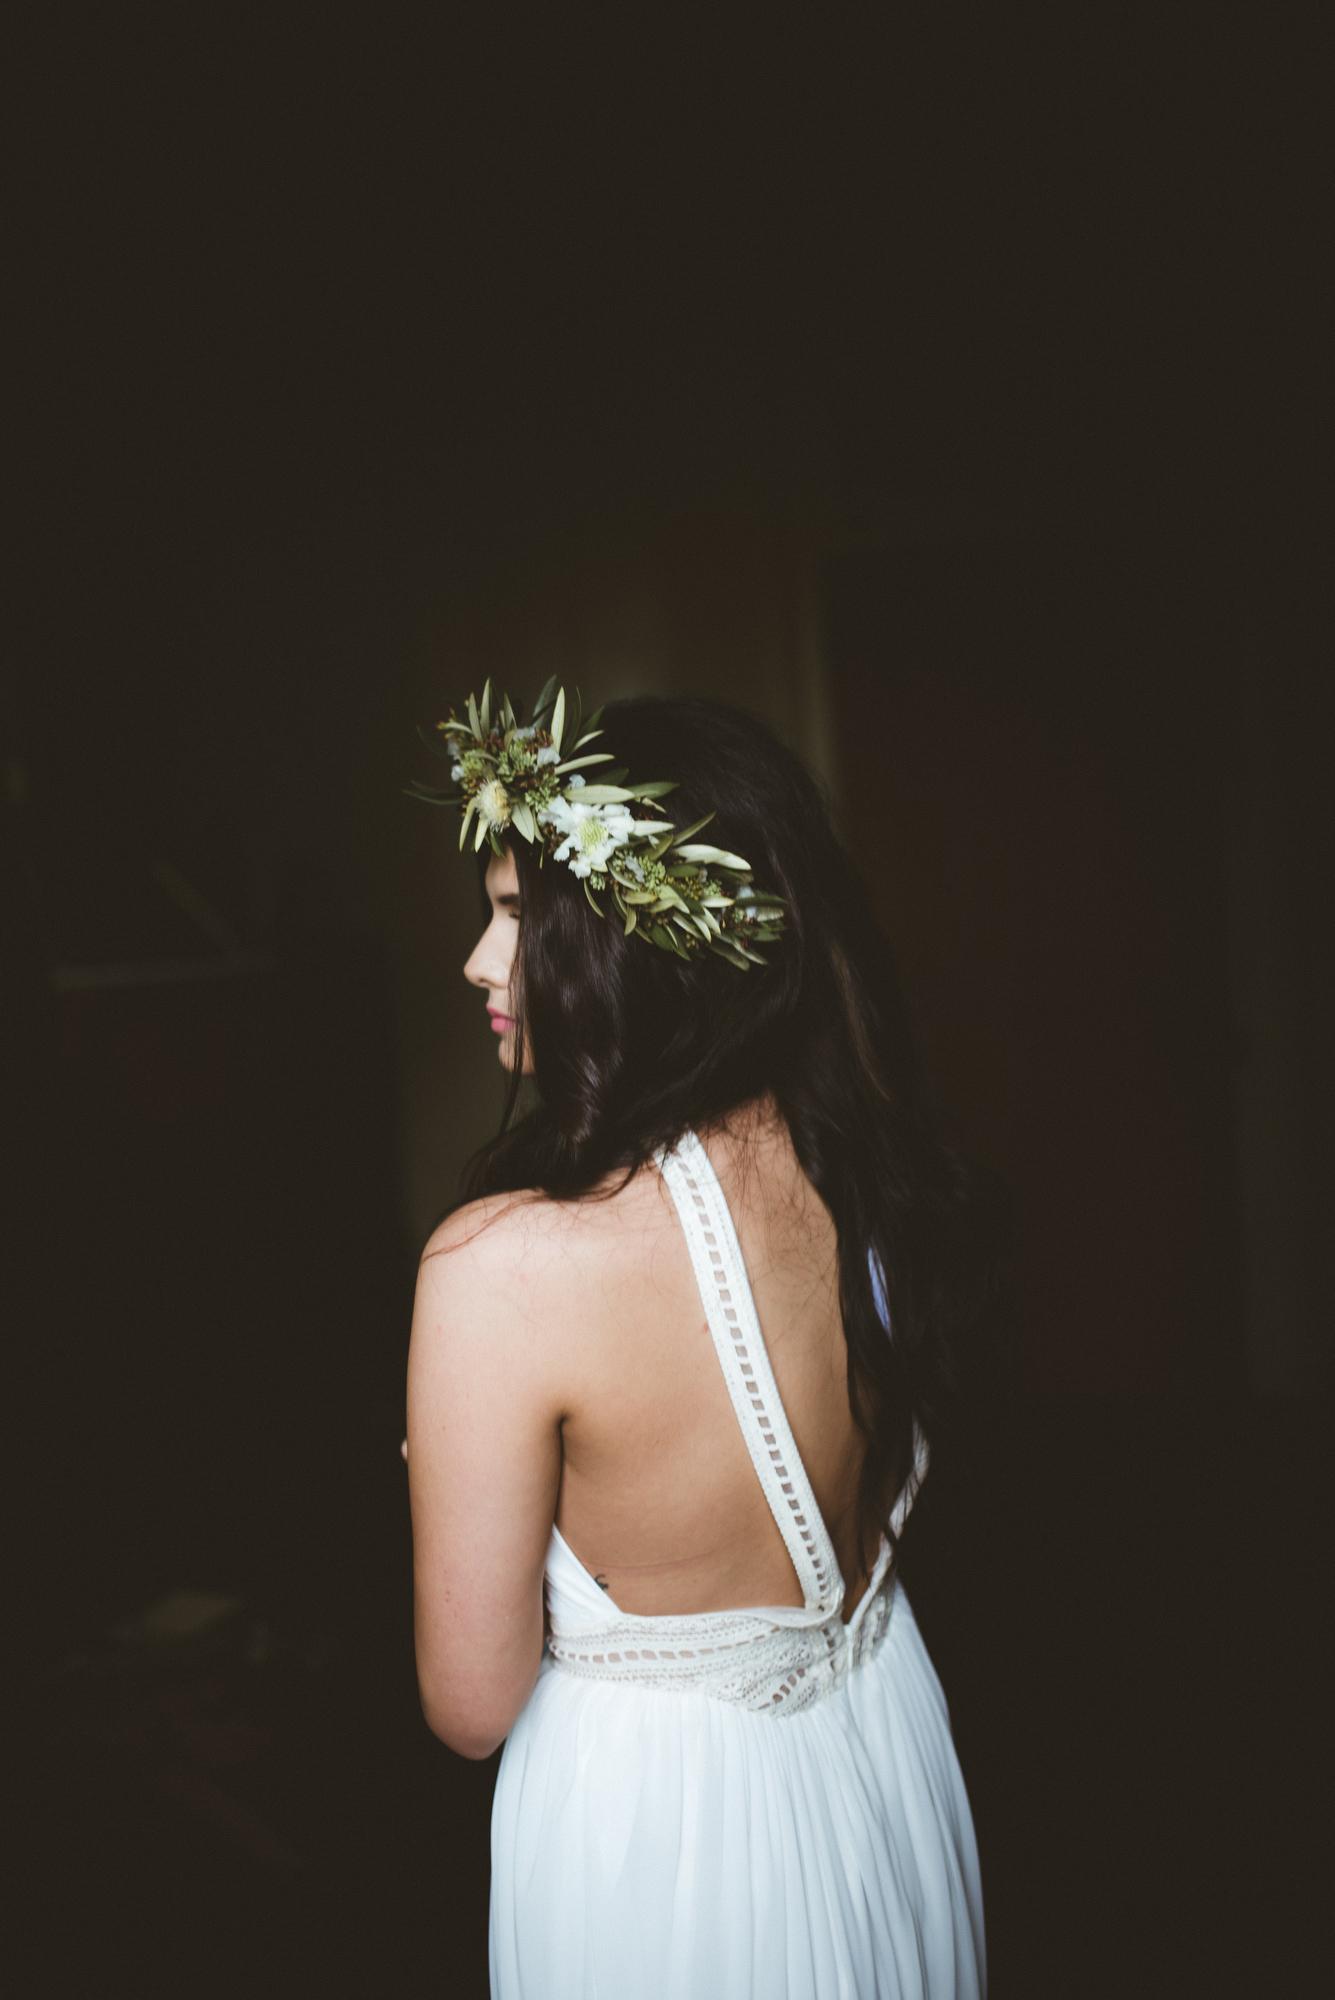 ofRen_weddingphotography043.JPG